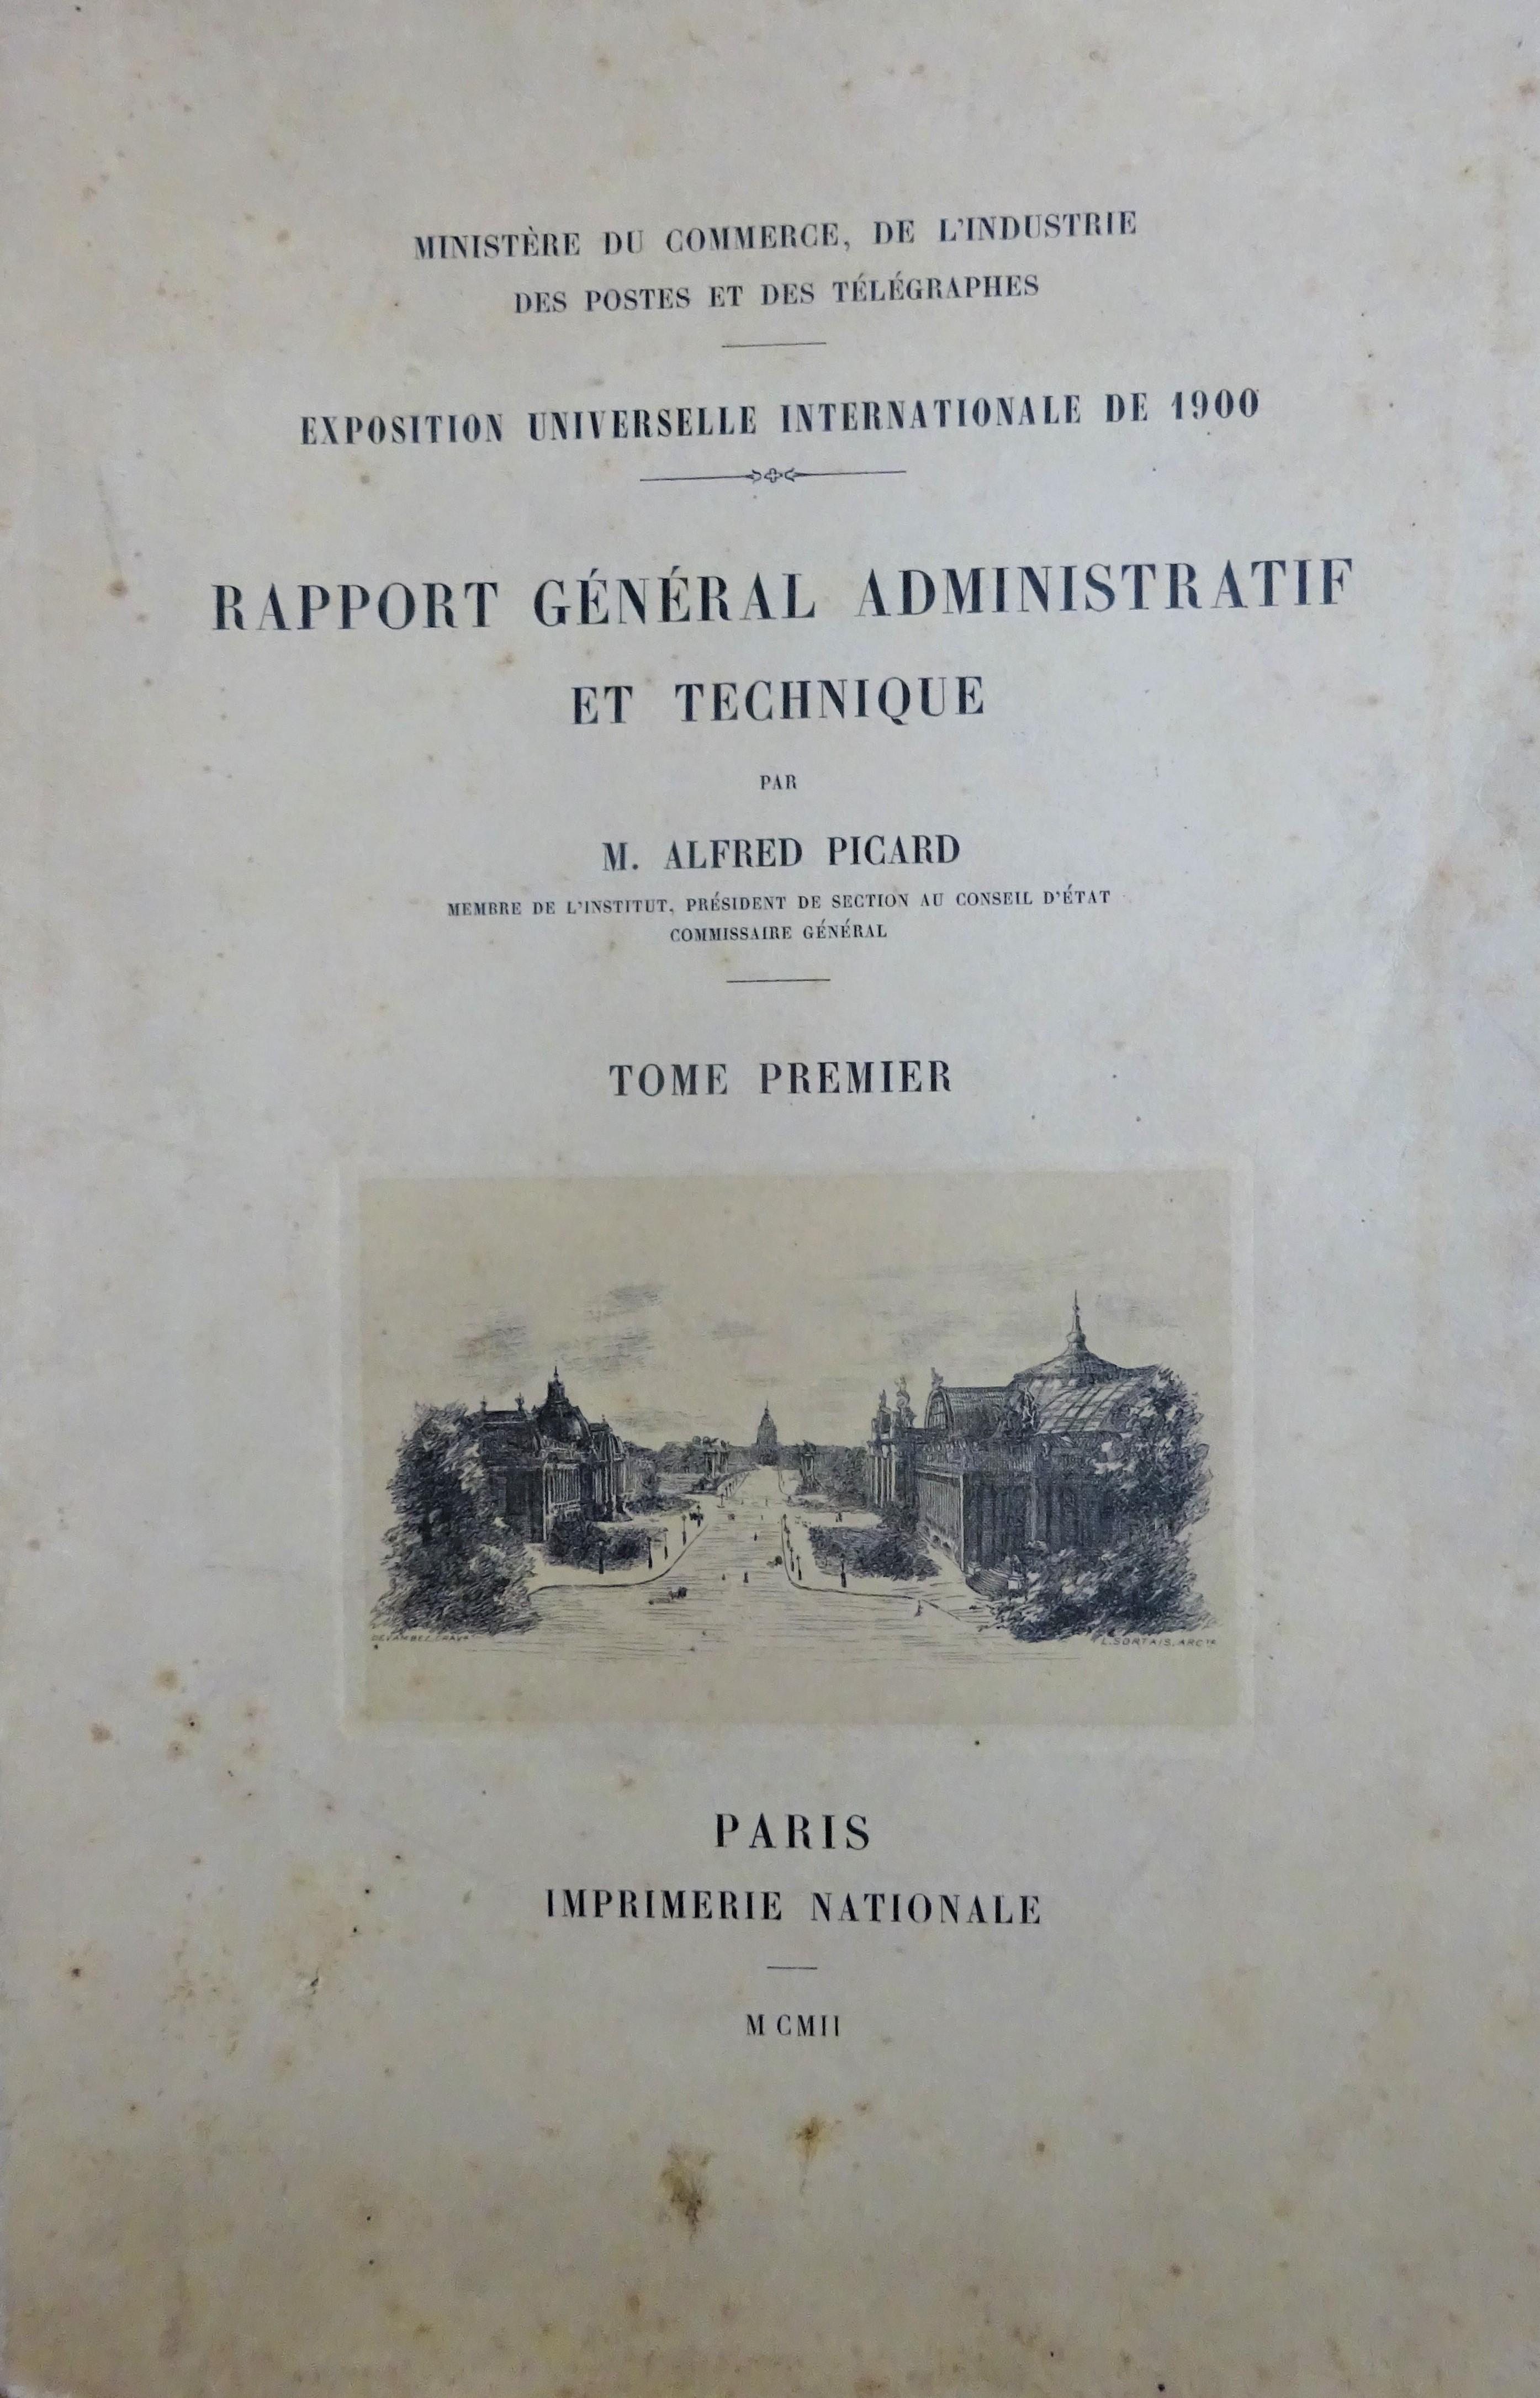 Exposition universelle de 1900. Rapport général administratif et technique